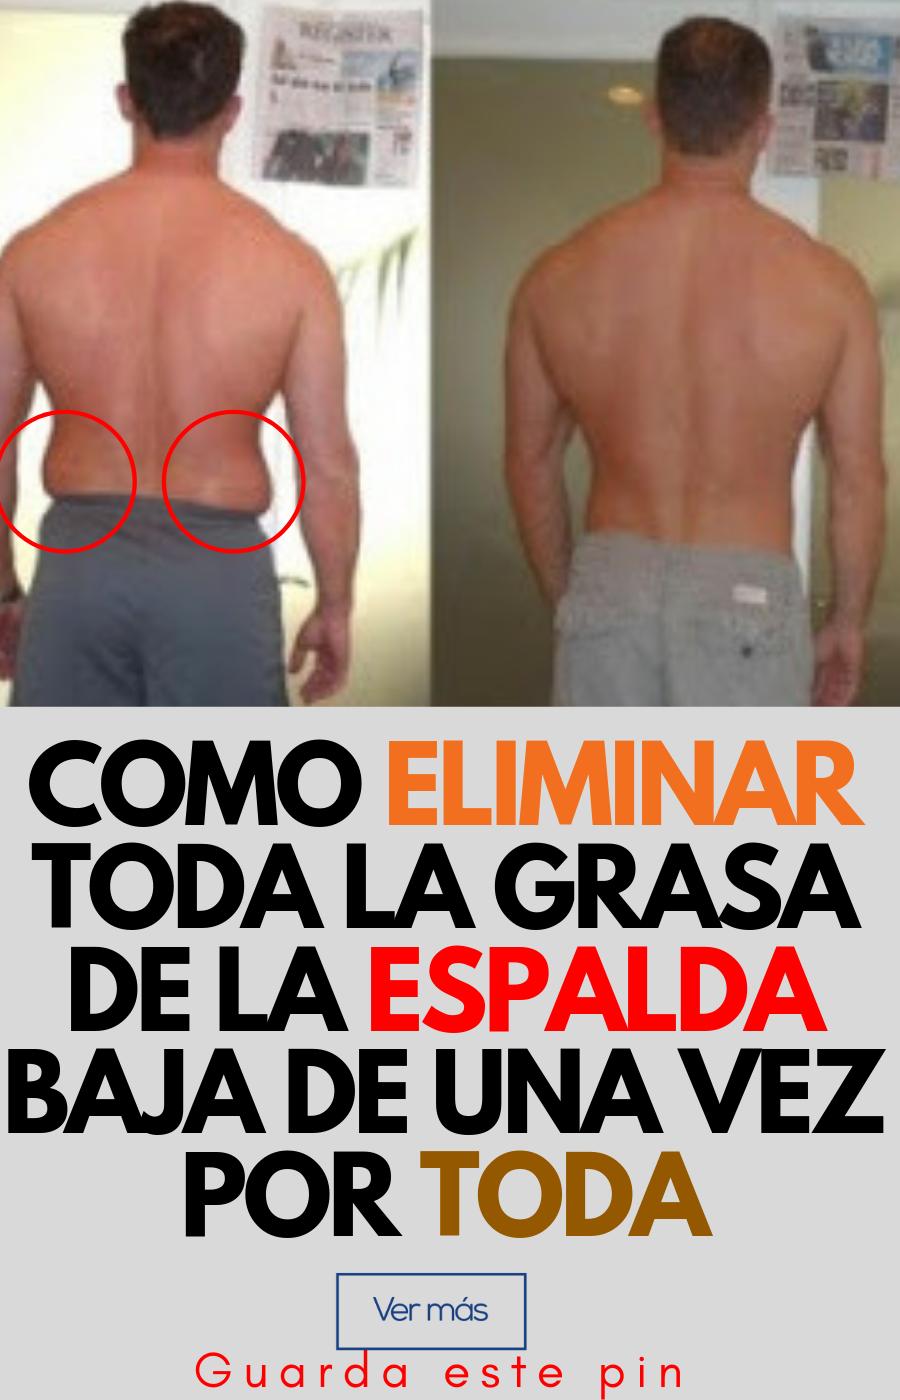 Como Eliminar Toda La Grasa De La Espalda Baja De Una Vez Por Toda 10 Ideas Entrenamiento Espalda Rutina Para Espalda Ejercicios Para Espalda Baja